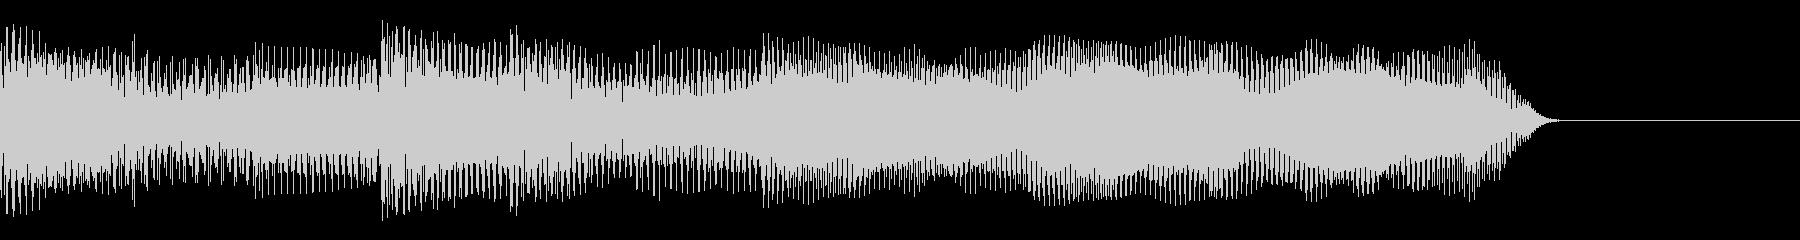 テッテレ(入手・レベルアップ) 8bitの未再生の波形